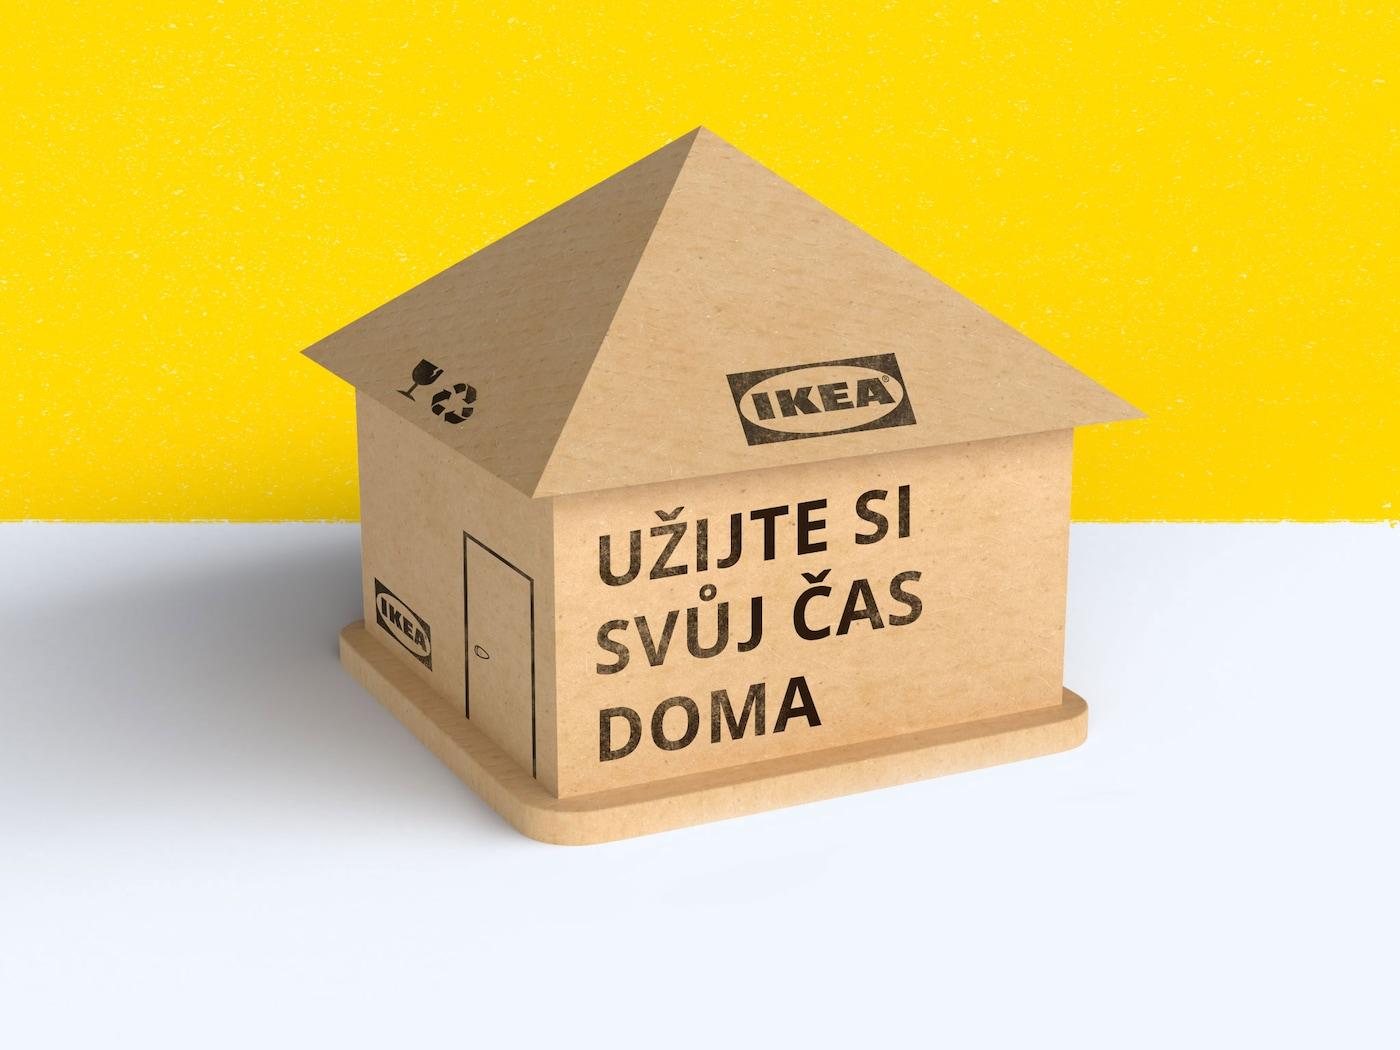 """Domeček IKEA na žlutošedém pozadí sestavený z kartonu a s textem: """"Užijte si svůj čas doma."""""""